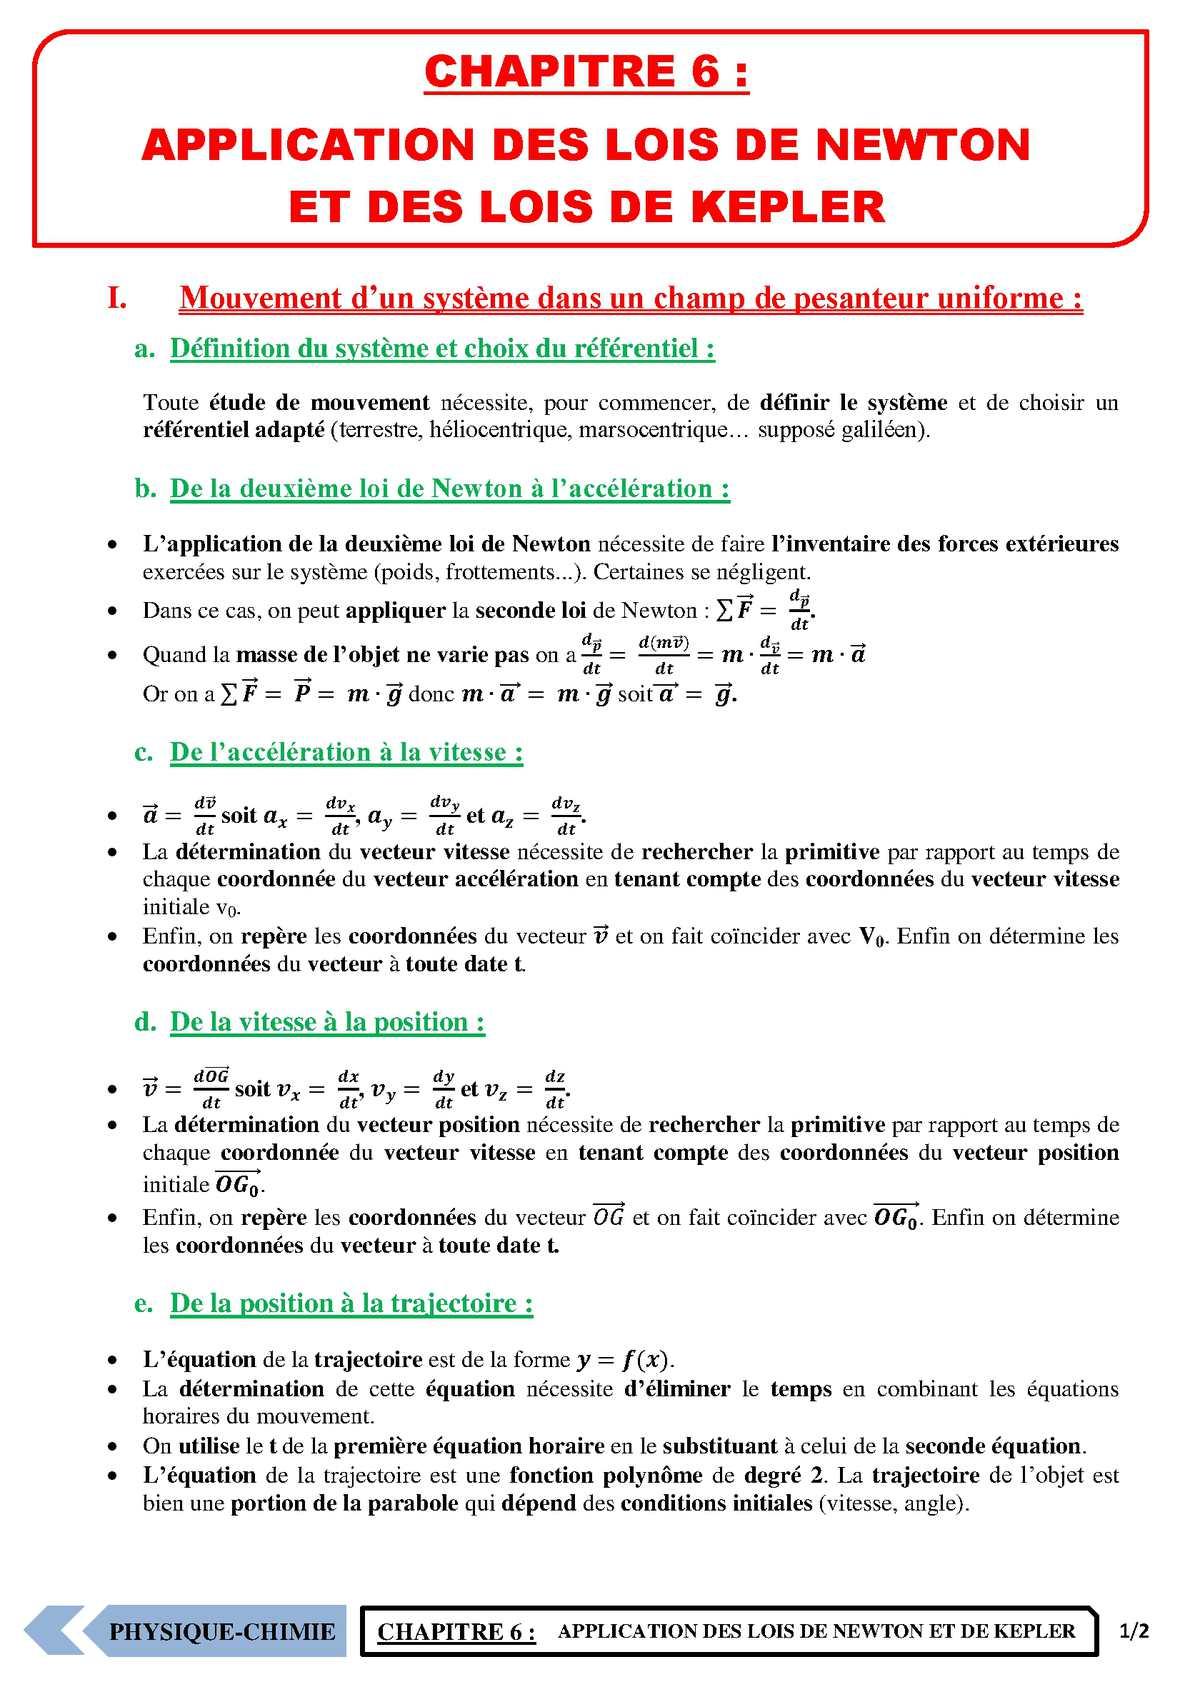 TS - PHYSIQUE/CHIMIE – Chapitre 6 | JéSky.fr